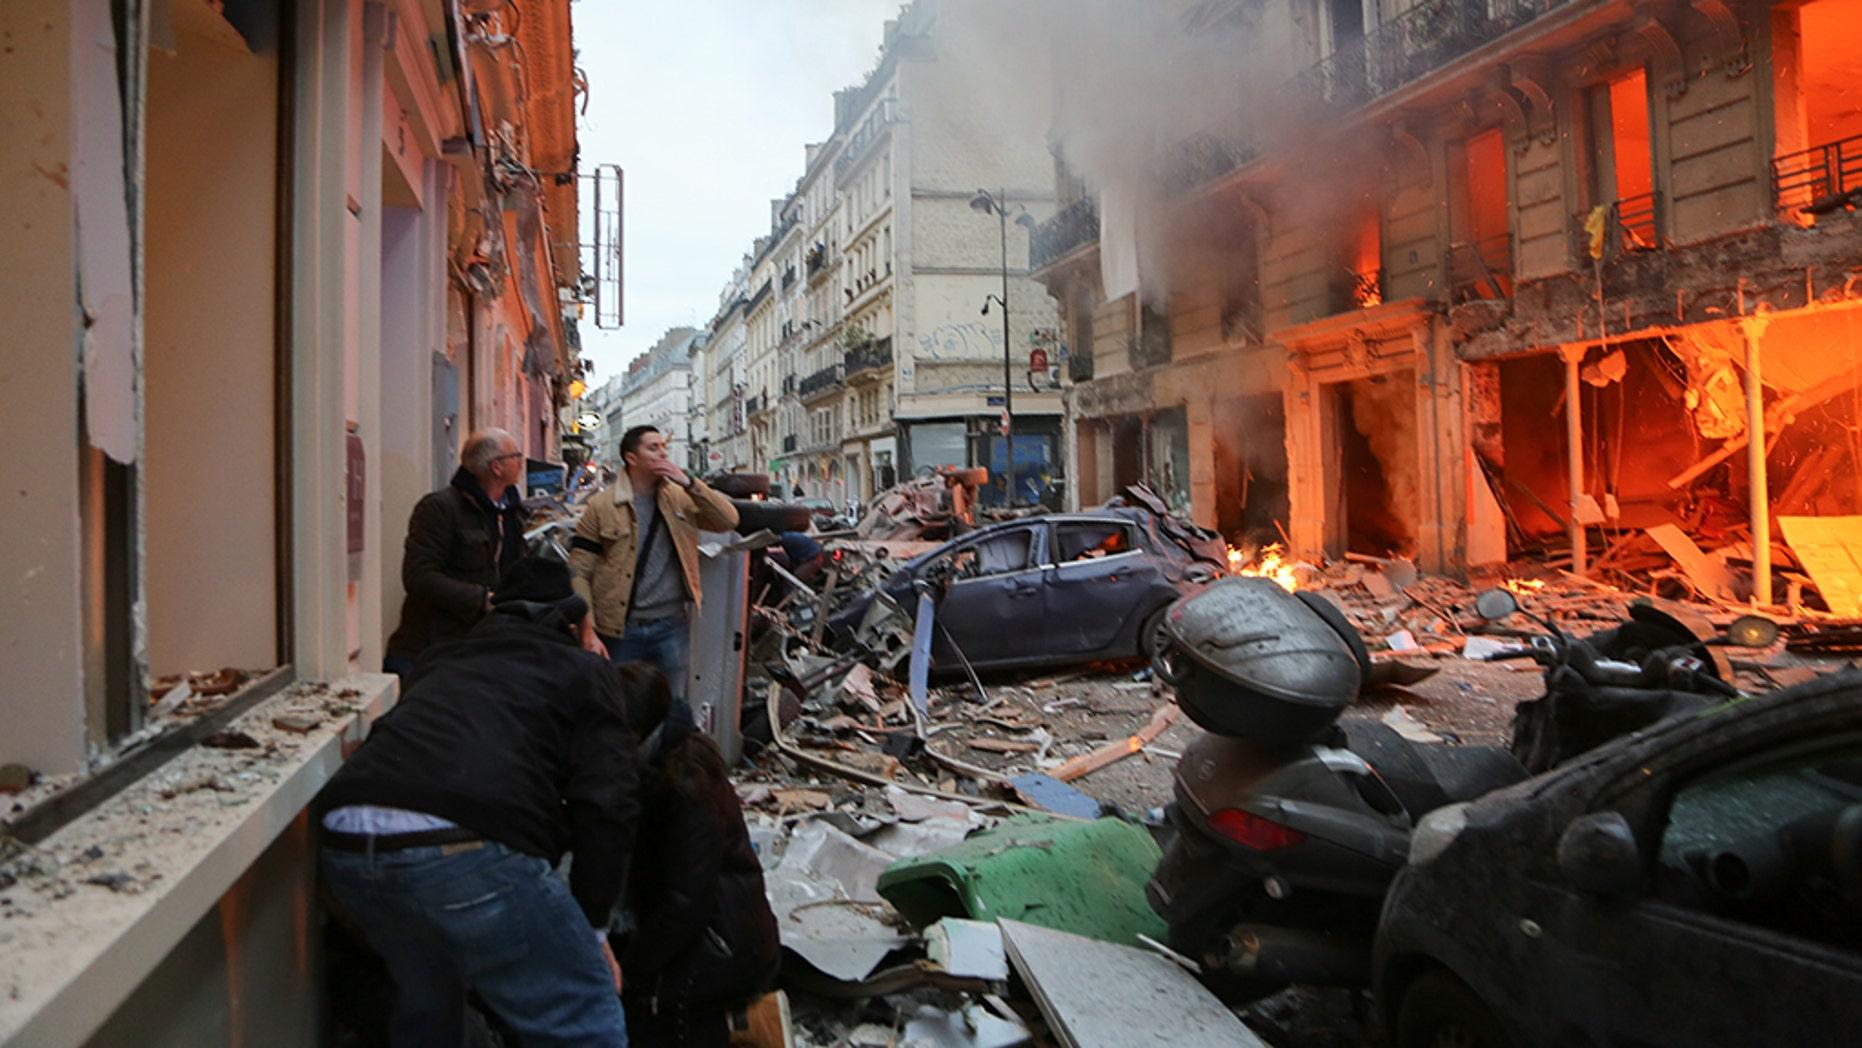 Kebocoran Gas Picu Ledakan Dahsyat di Paris: 3 Orang Tewas